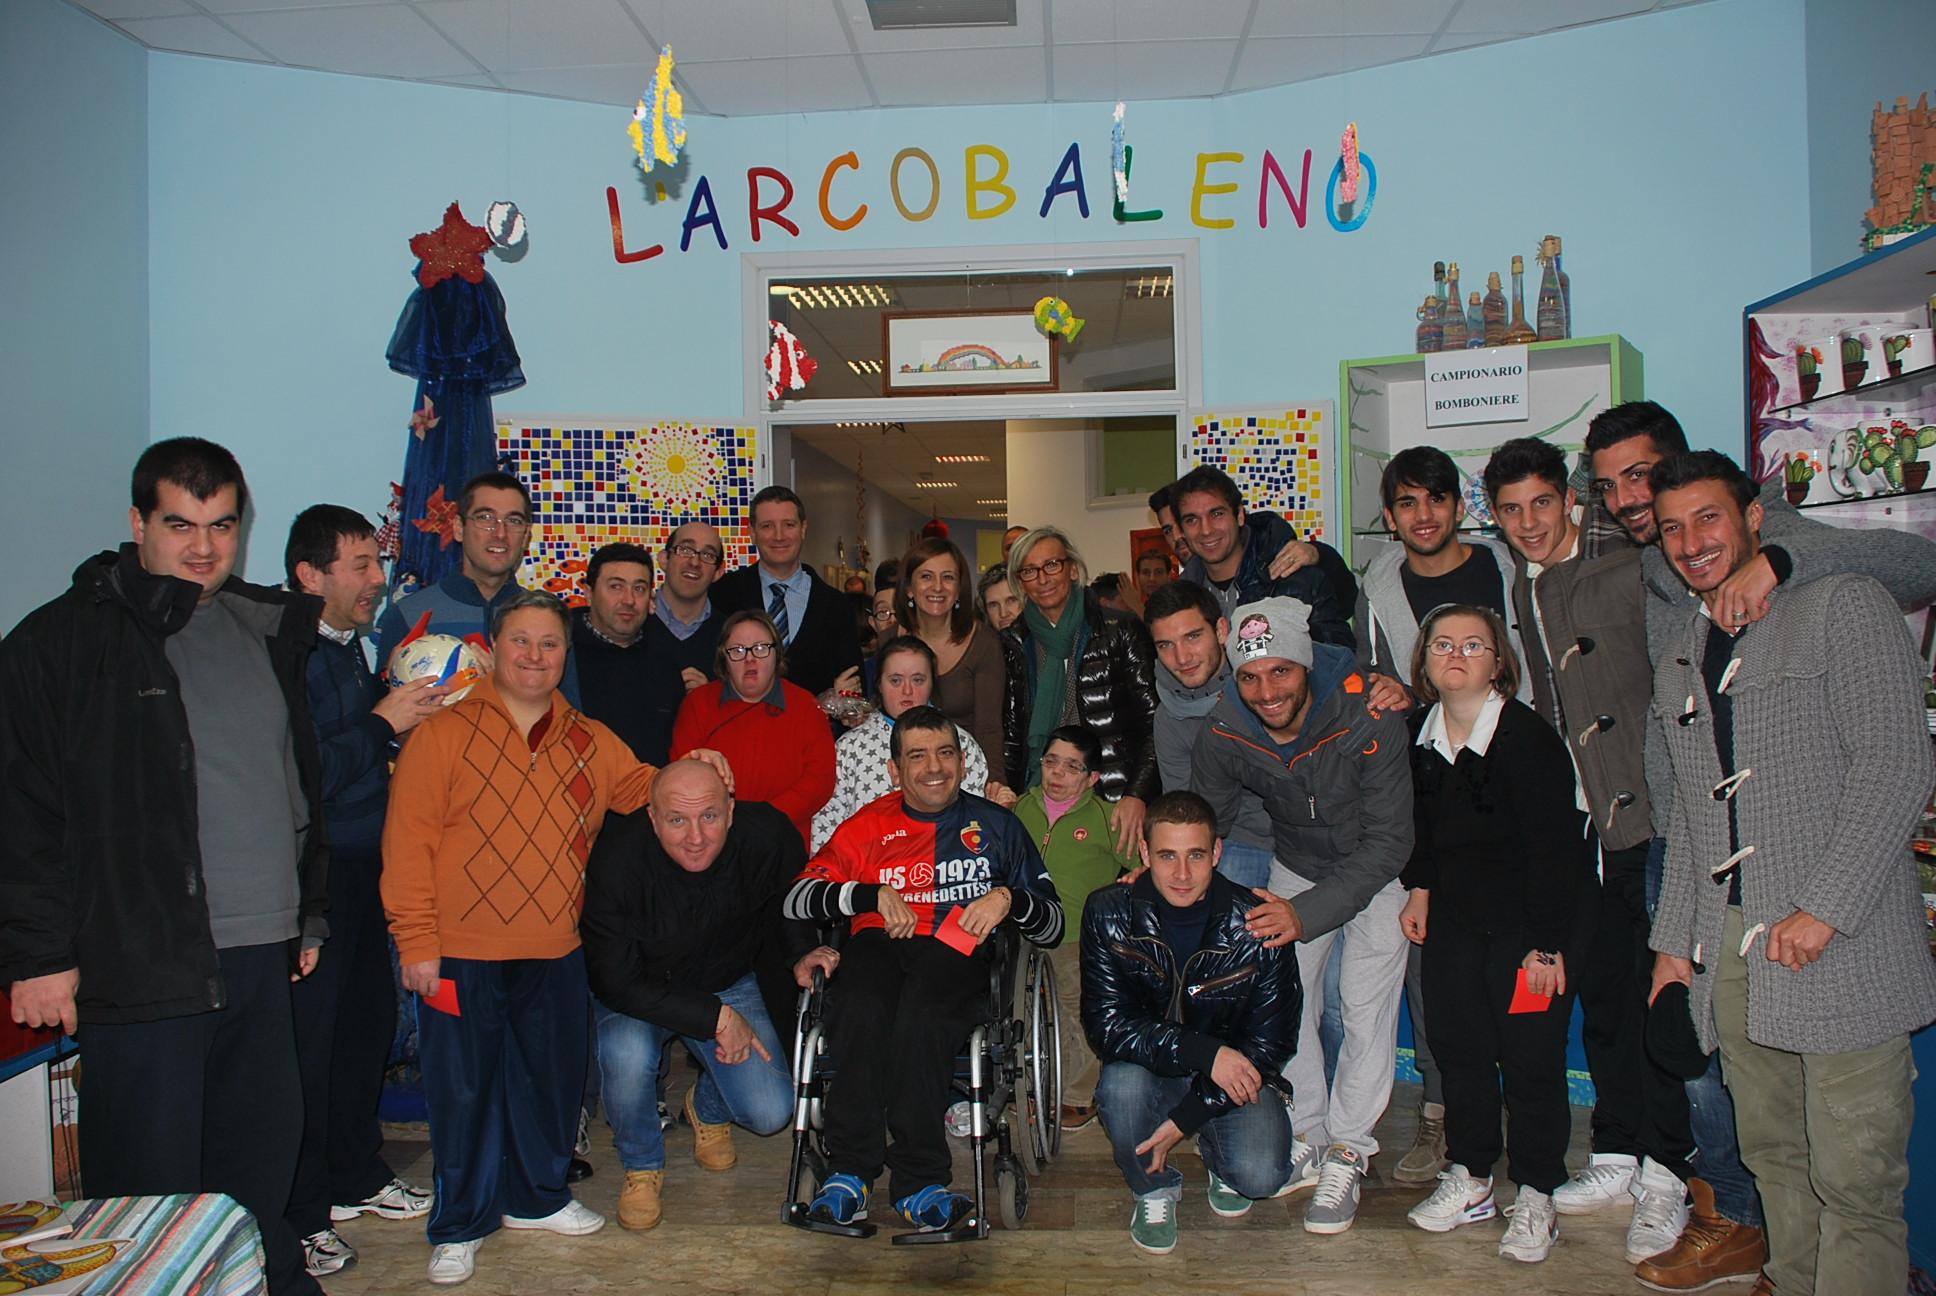 I giocatori della Samb con mister Palladini al centro Arcobaleno